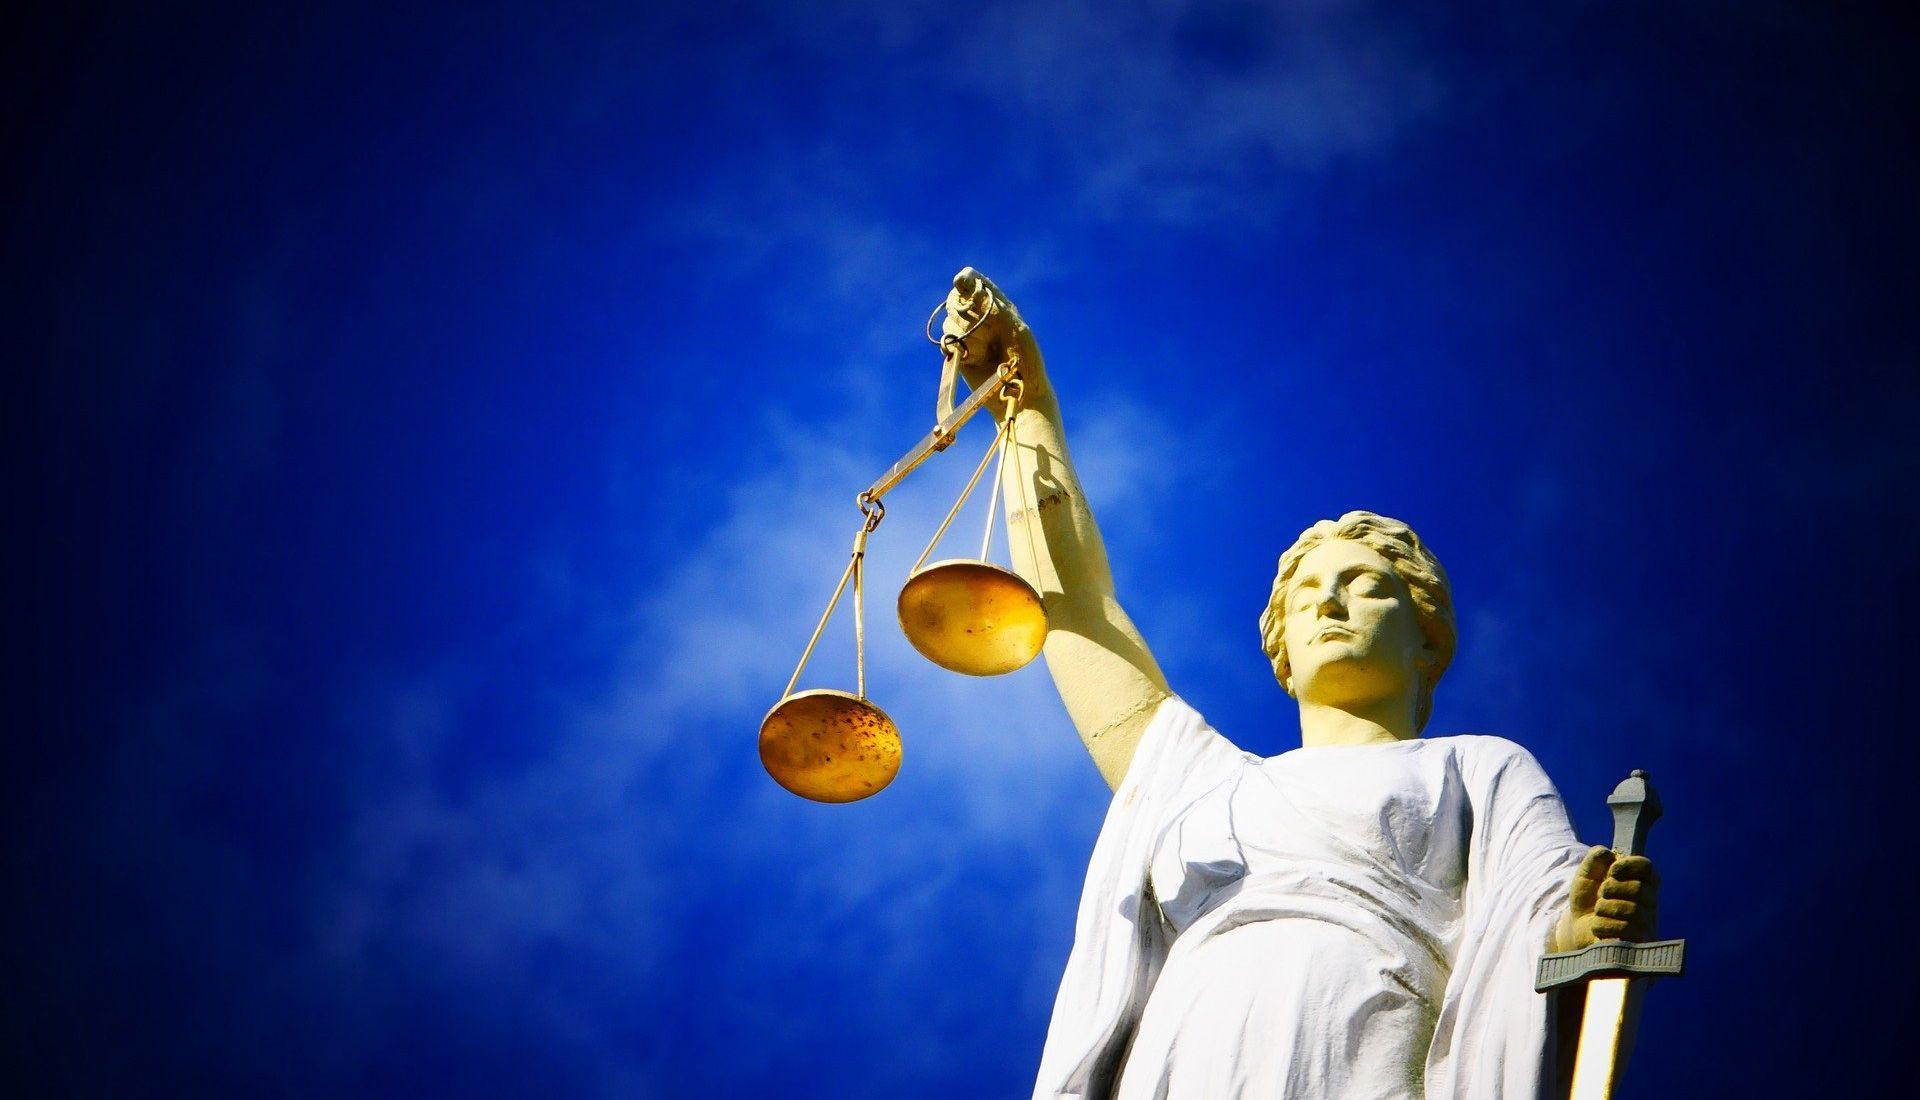 La justice pénale en France